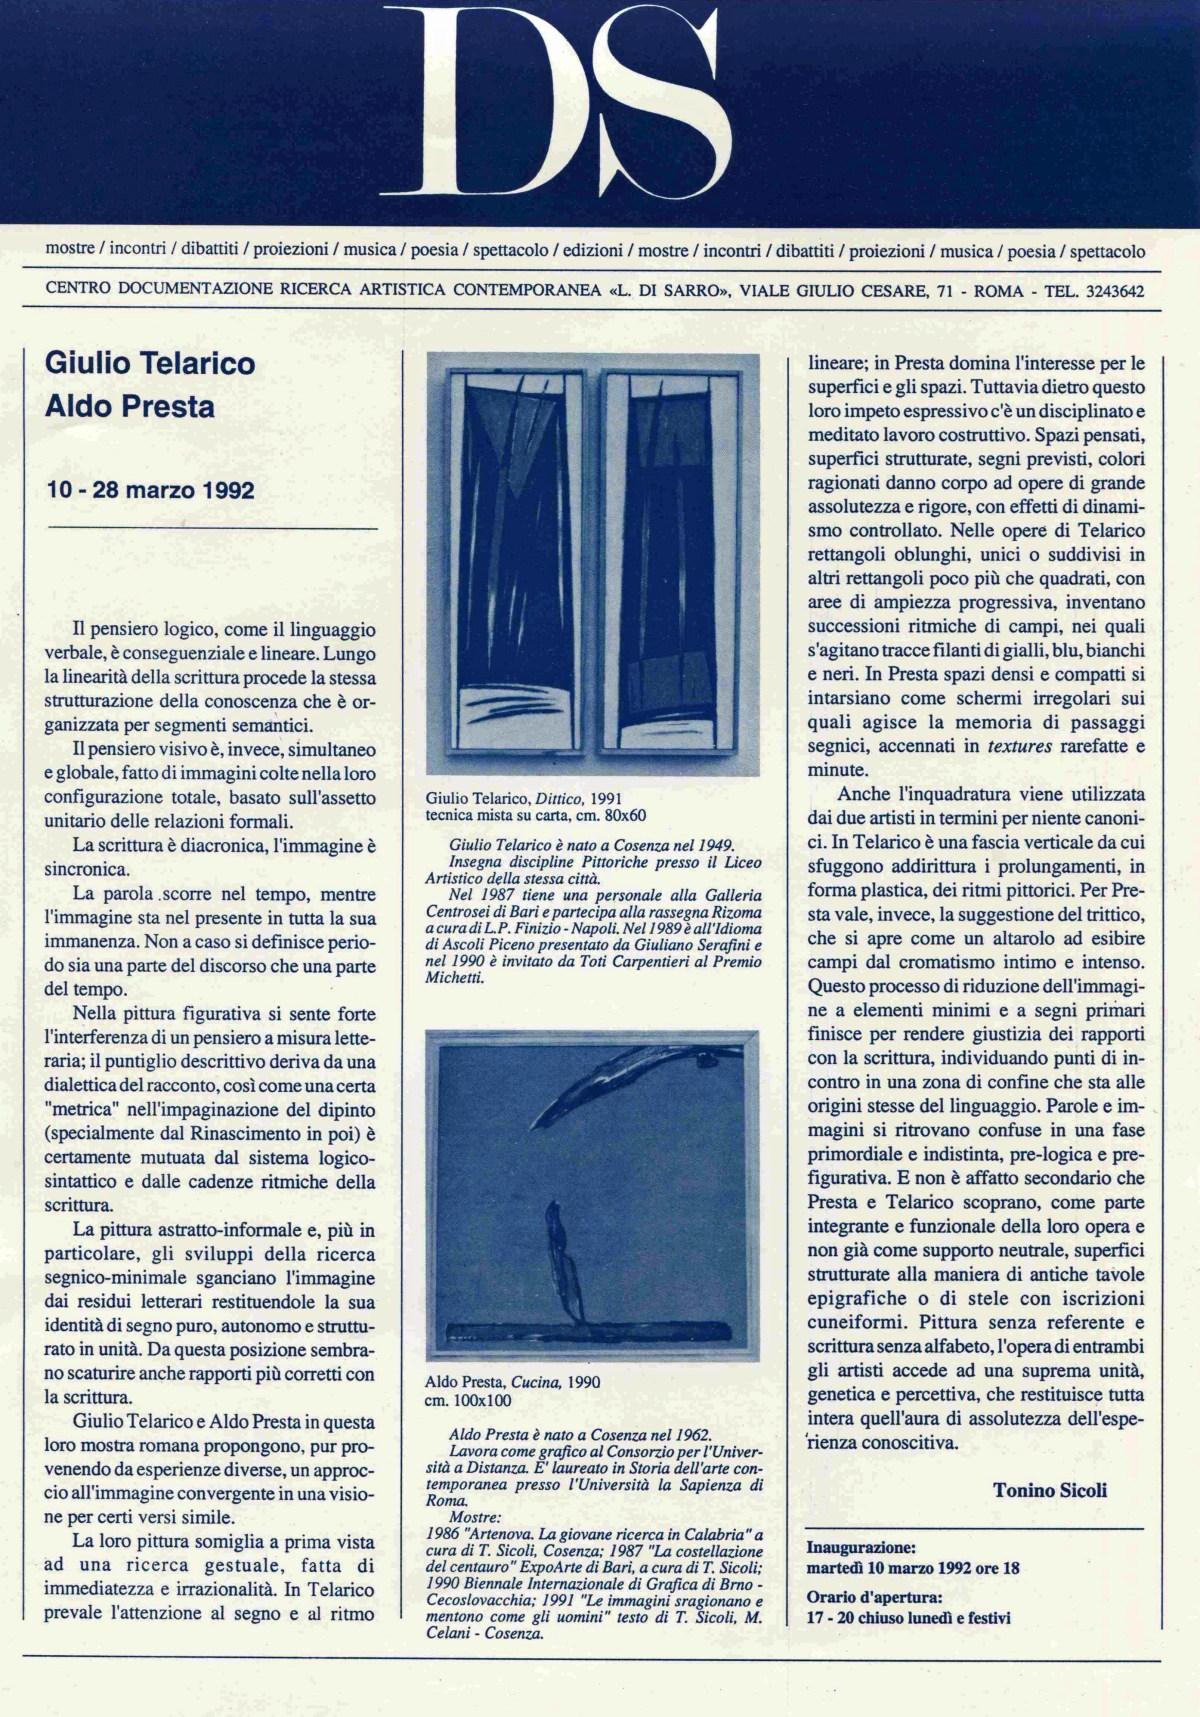 Giulio Talarico, Aldo Presta  10 - 28 marzo 1992